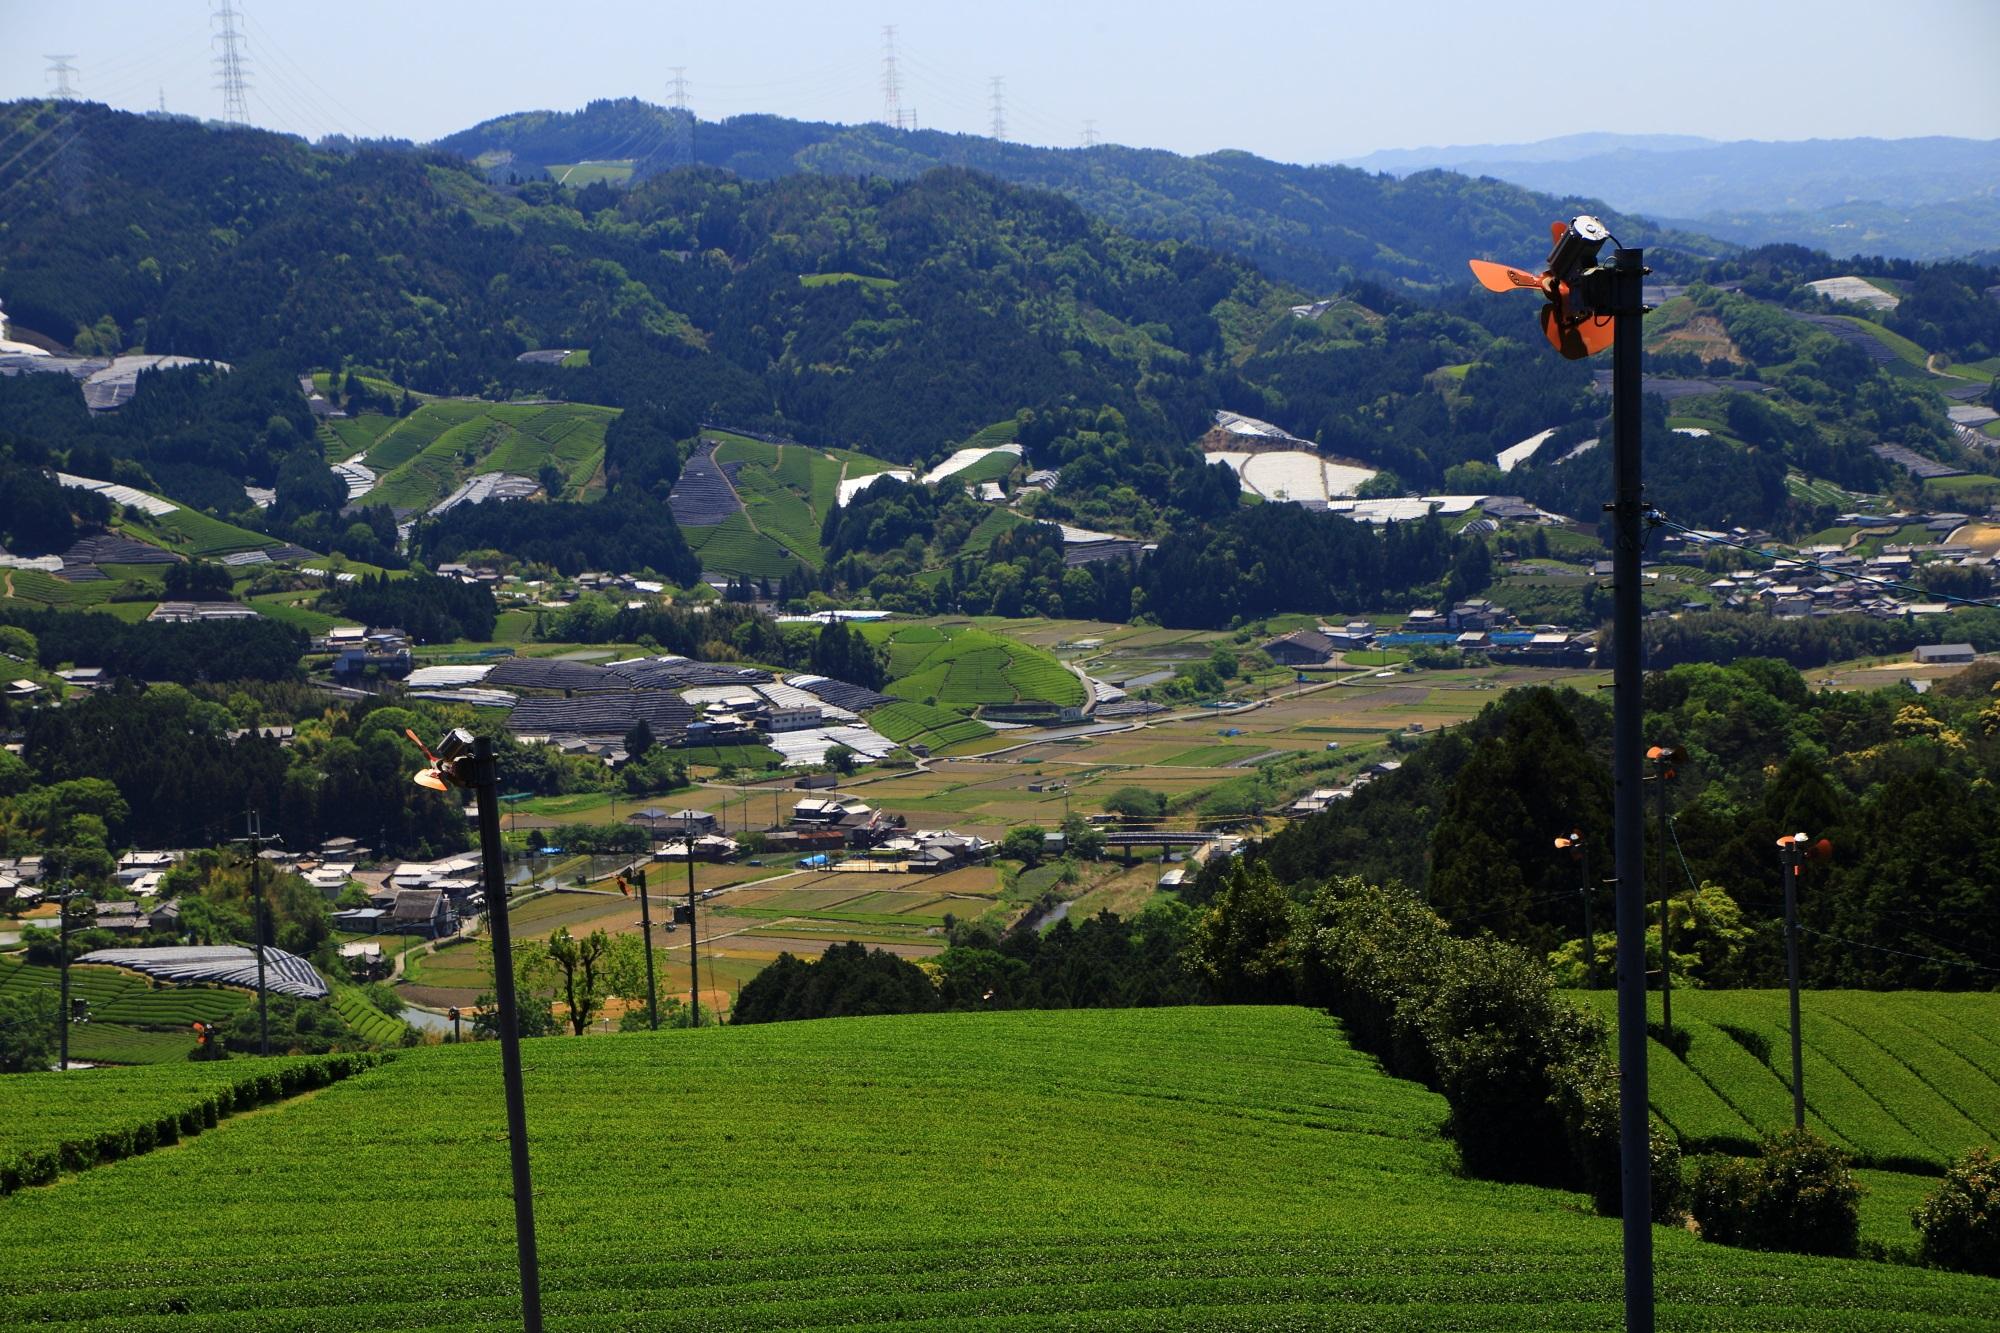 素晴らしい見下ろす原山地区のお茶畑と町の景色